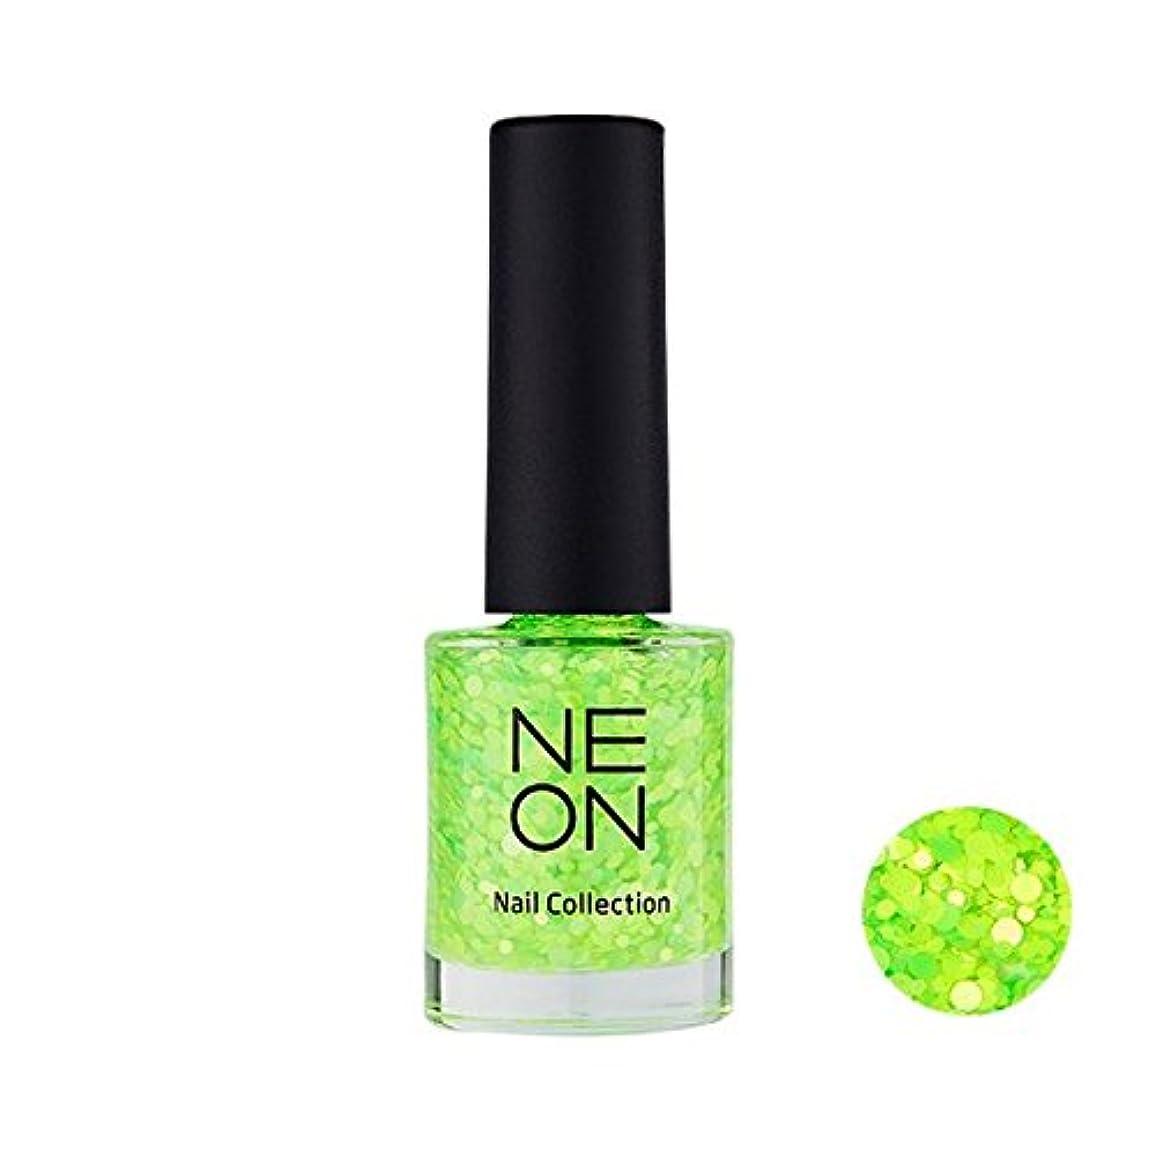 ガード価値暗殺者It'S SKIN Neon nail collection [04 Neon Glitter green] イッツスキン ネオンネイルコレクション [04 ネオン グリッター グリーン] [並行輸入品]